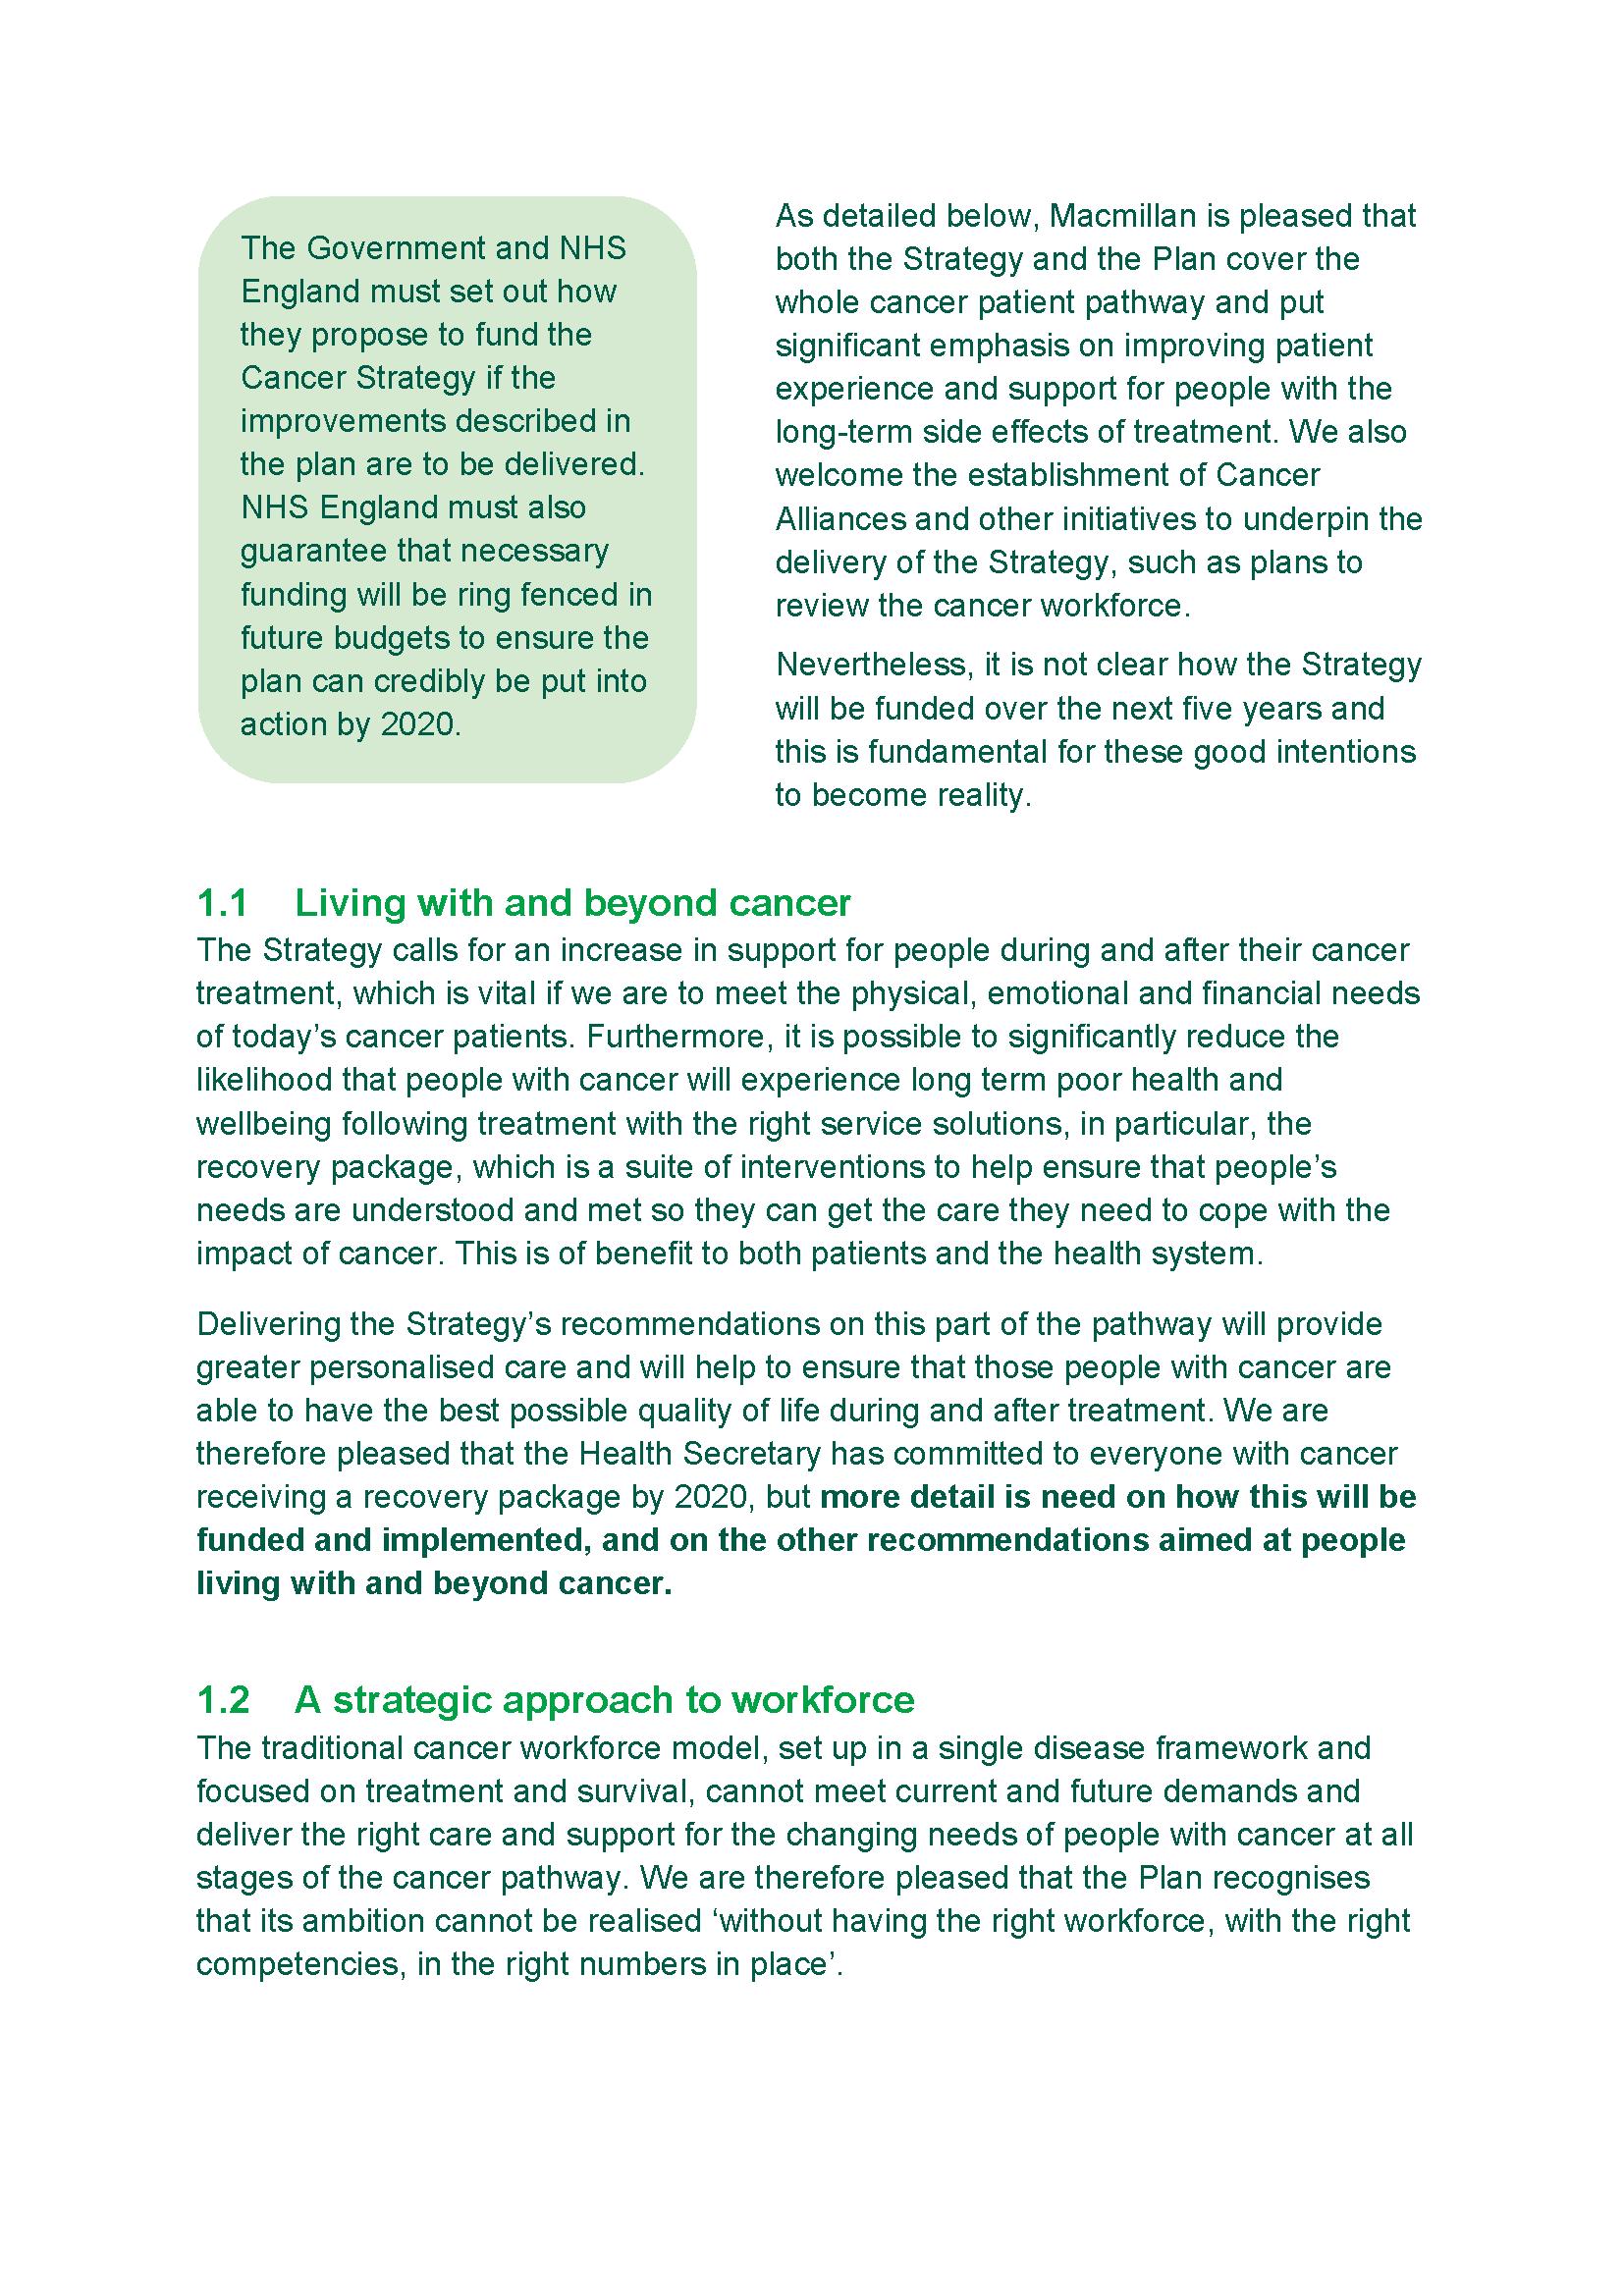 macmillan-briefing-october-2016_page_2